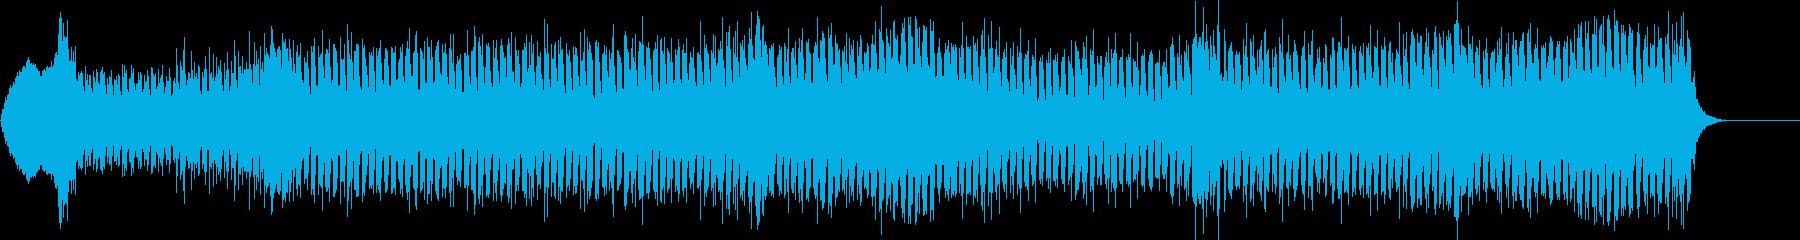 スピード ディスコ スポーツ スリルの再生済みの波形